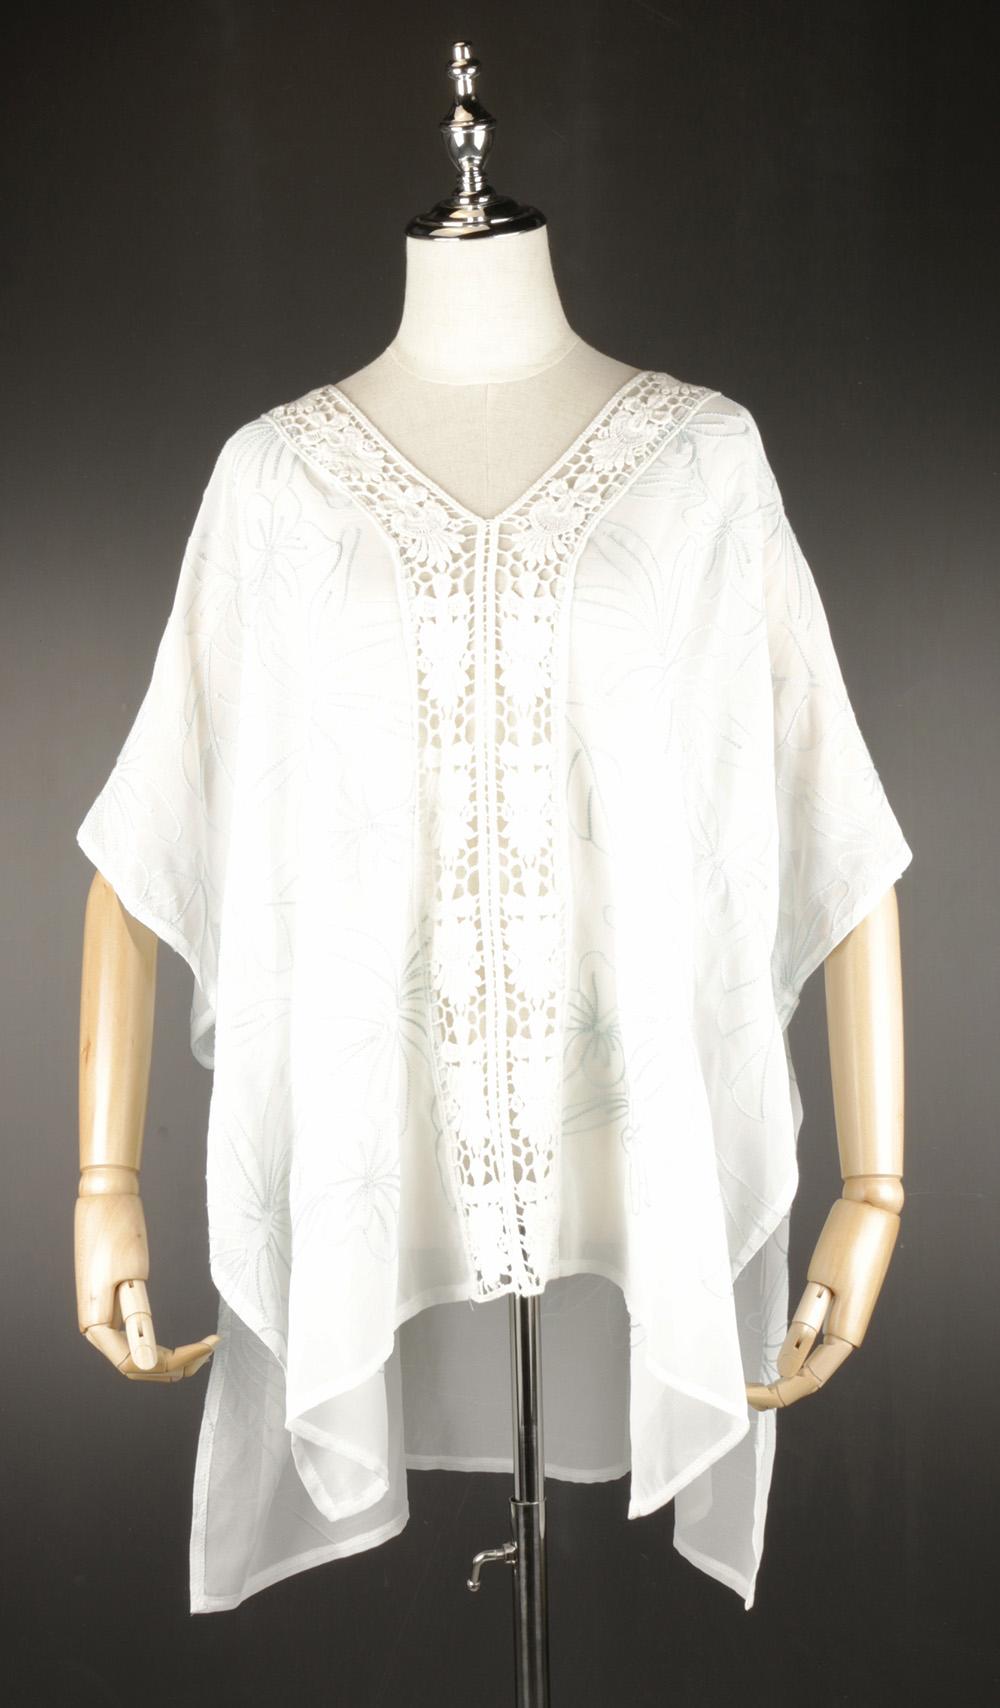 CEK1577 kimono styles white